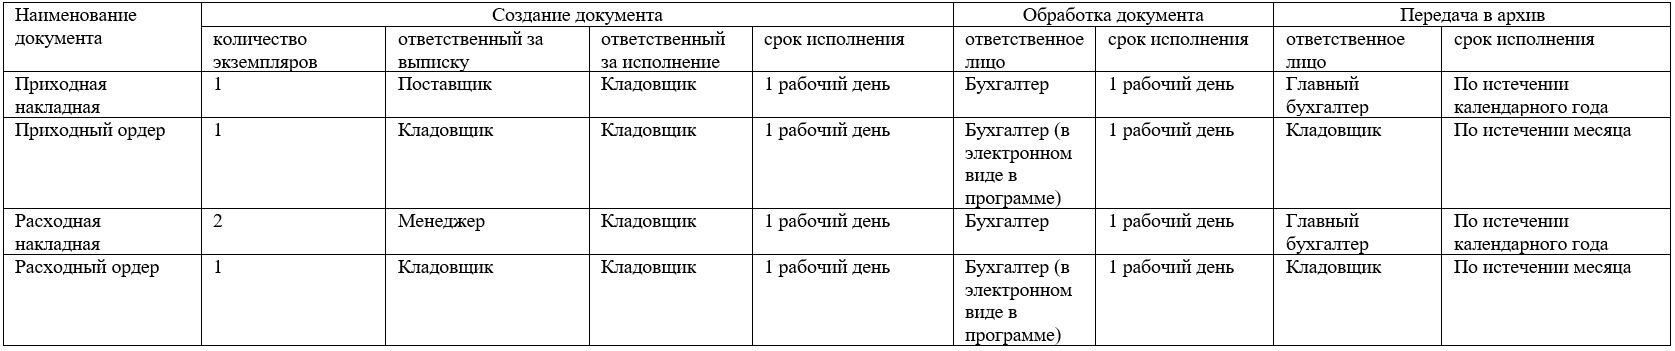 Табличная форма графика документооборота